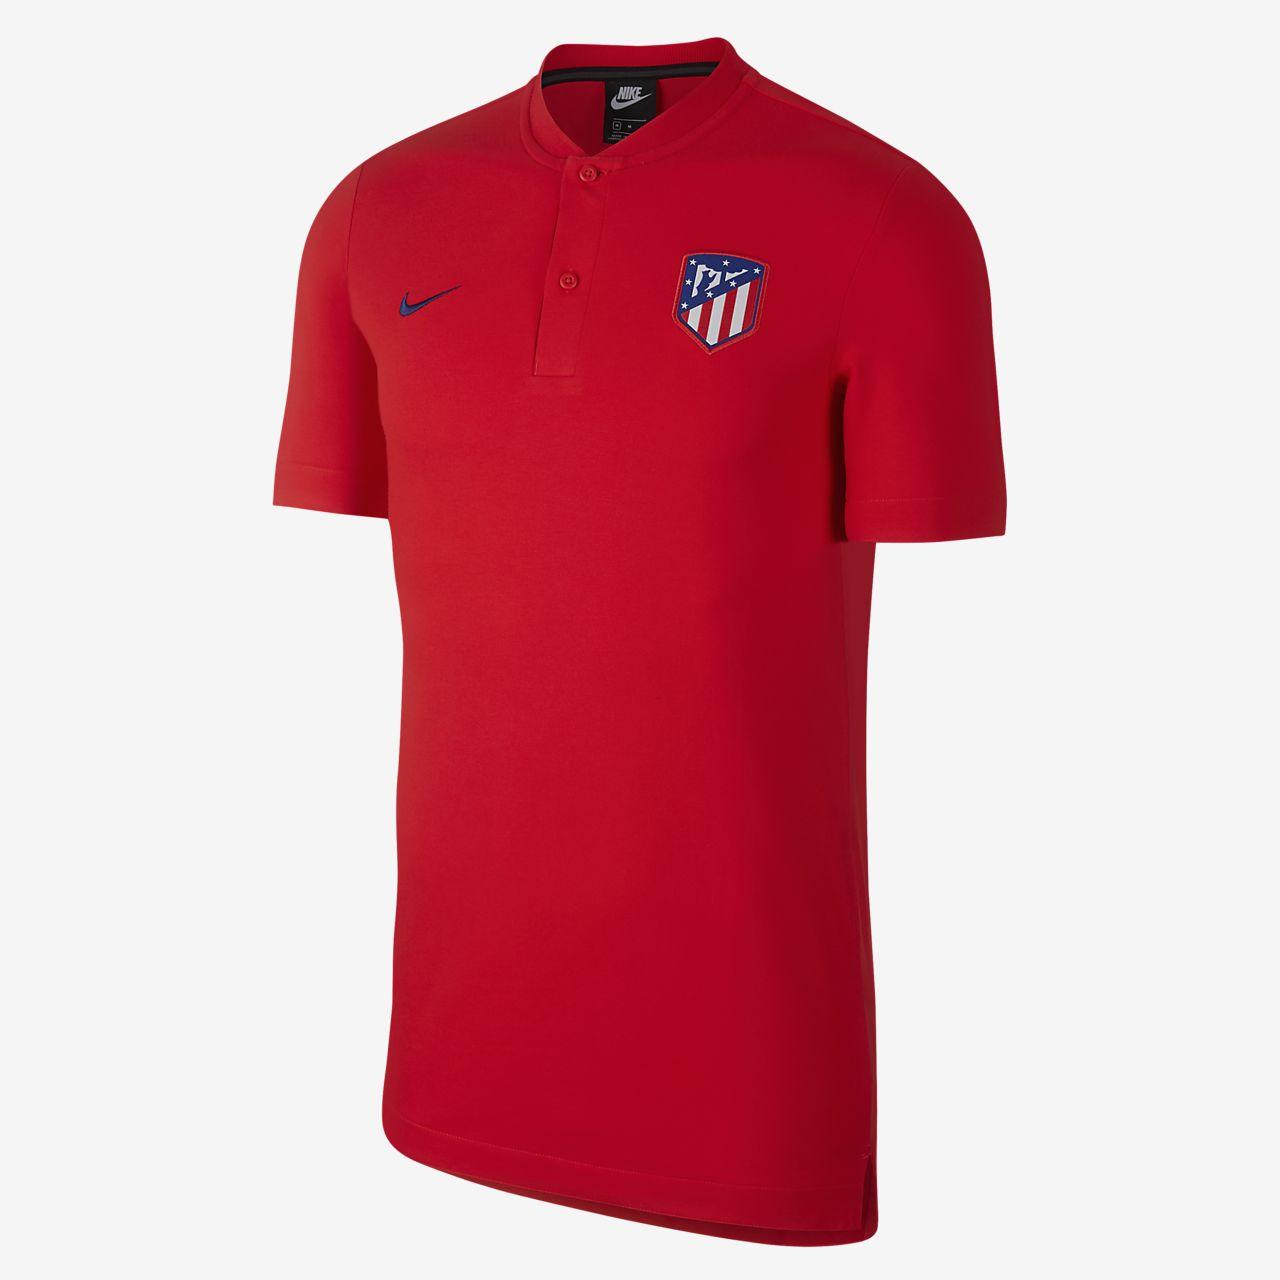 Ανδρική ποδοσφαιρική μπλούζα πόλο Atlético de Madrid